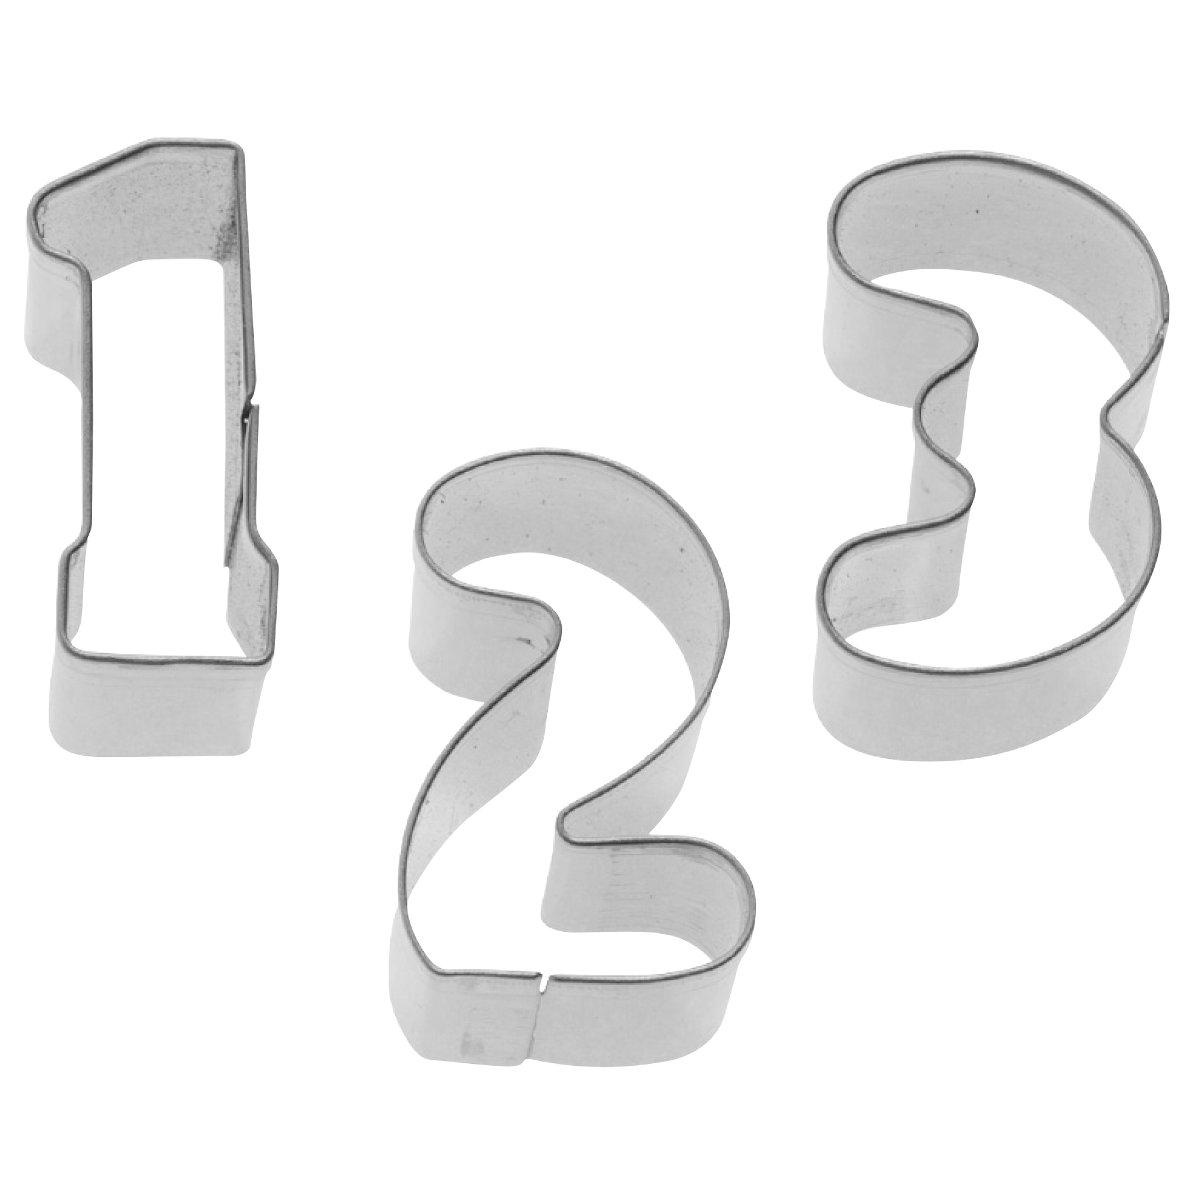 Κουπάτ ανοξείδωτα αριθμοί 0-9